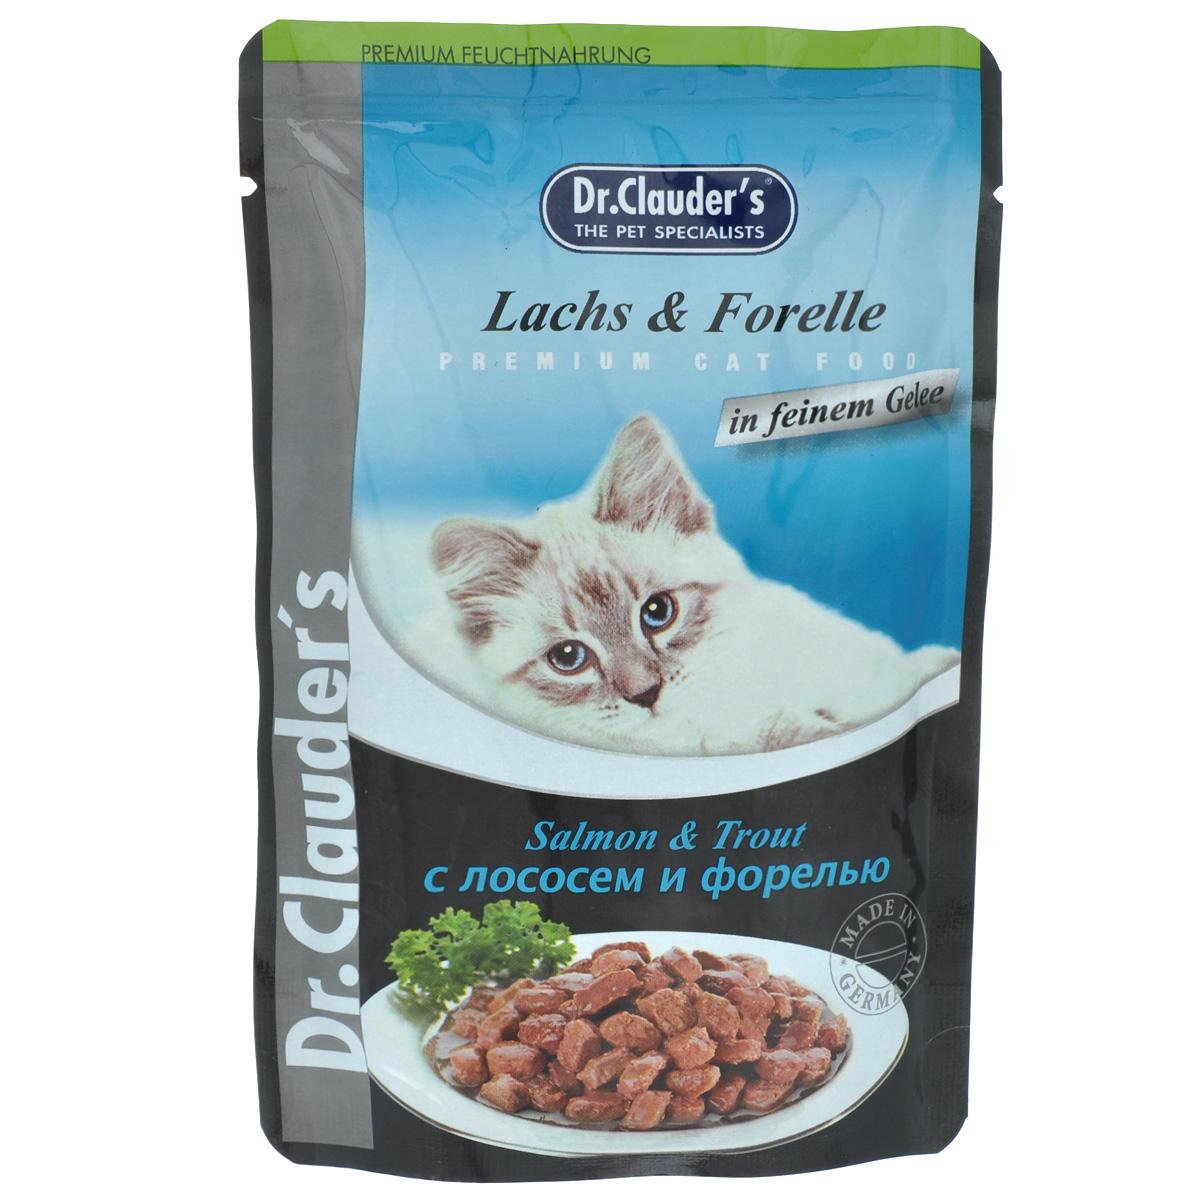 Консервы Dr. Clauders, для взрослых кошек, мясные кусочки в желе с лососем и форелью, 100 г24Консервы Dr. Clauders - полноценное сбалансированное питание для взрослых кошек. Корм обладает высокой вкусовой привлекательностью и способен удовлетворить потребности любой кошки.Состав: мясо и мясные продукты, рыба и рыбные продукты (минимум 5% лосося, 5% форели), злаки, минералы, инулин (0,1%). Добавки (в 1 кг): витамин D3 - 250 МЕ, витамин Е (альфа-токоферол) - 15 мг, медь - 1,0 мг, марганец - 1,0 мг, биотин - 20 мг, цинк - 15 мг.Содержание питательных веществ: протеин - 7,5%, жиры - 4,5%, зола - 2,5%, клетчатка пищевая - 0,3%, влажность - 82%.Товар сертифицирован.